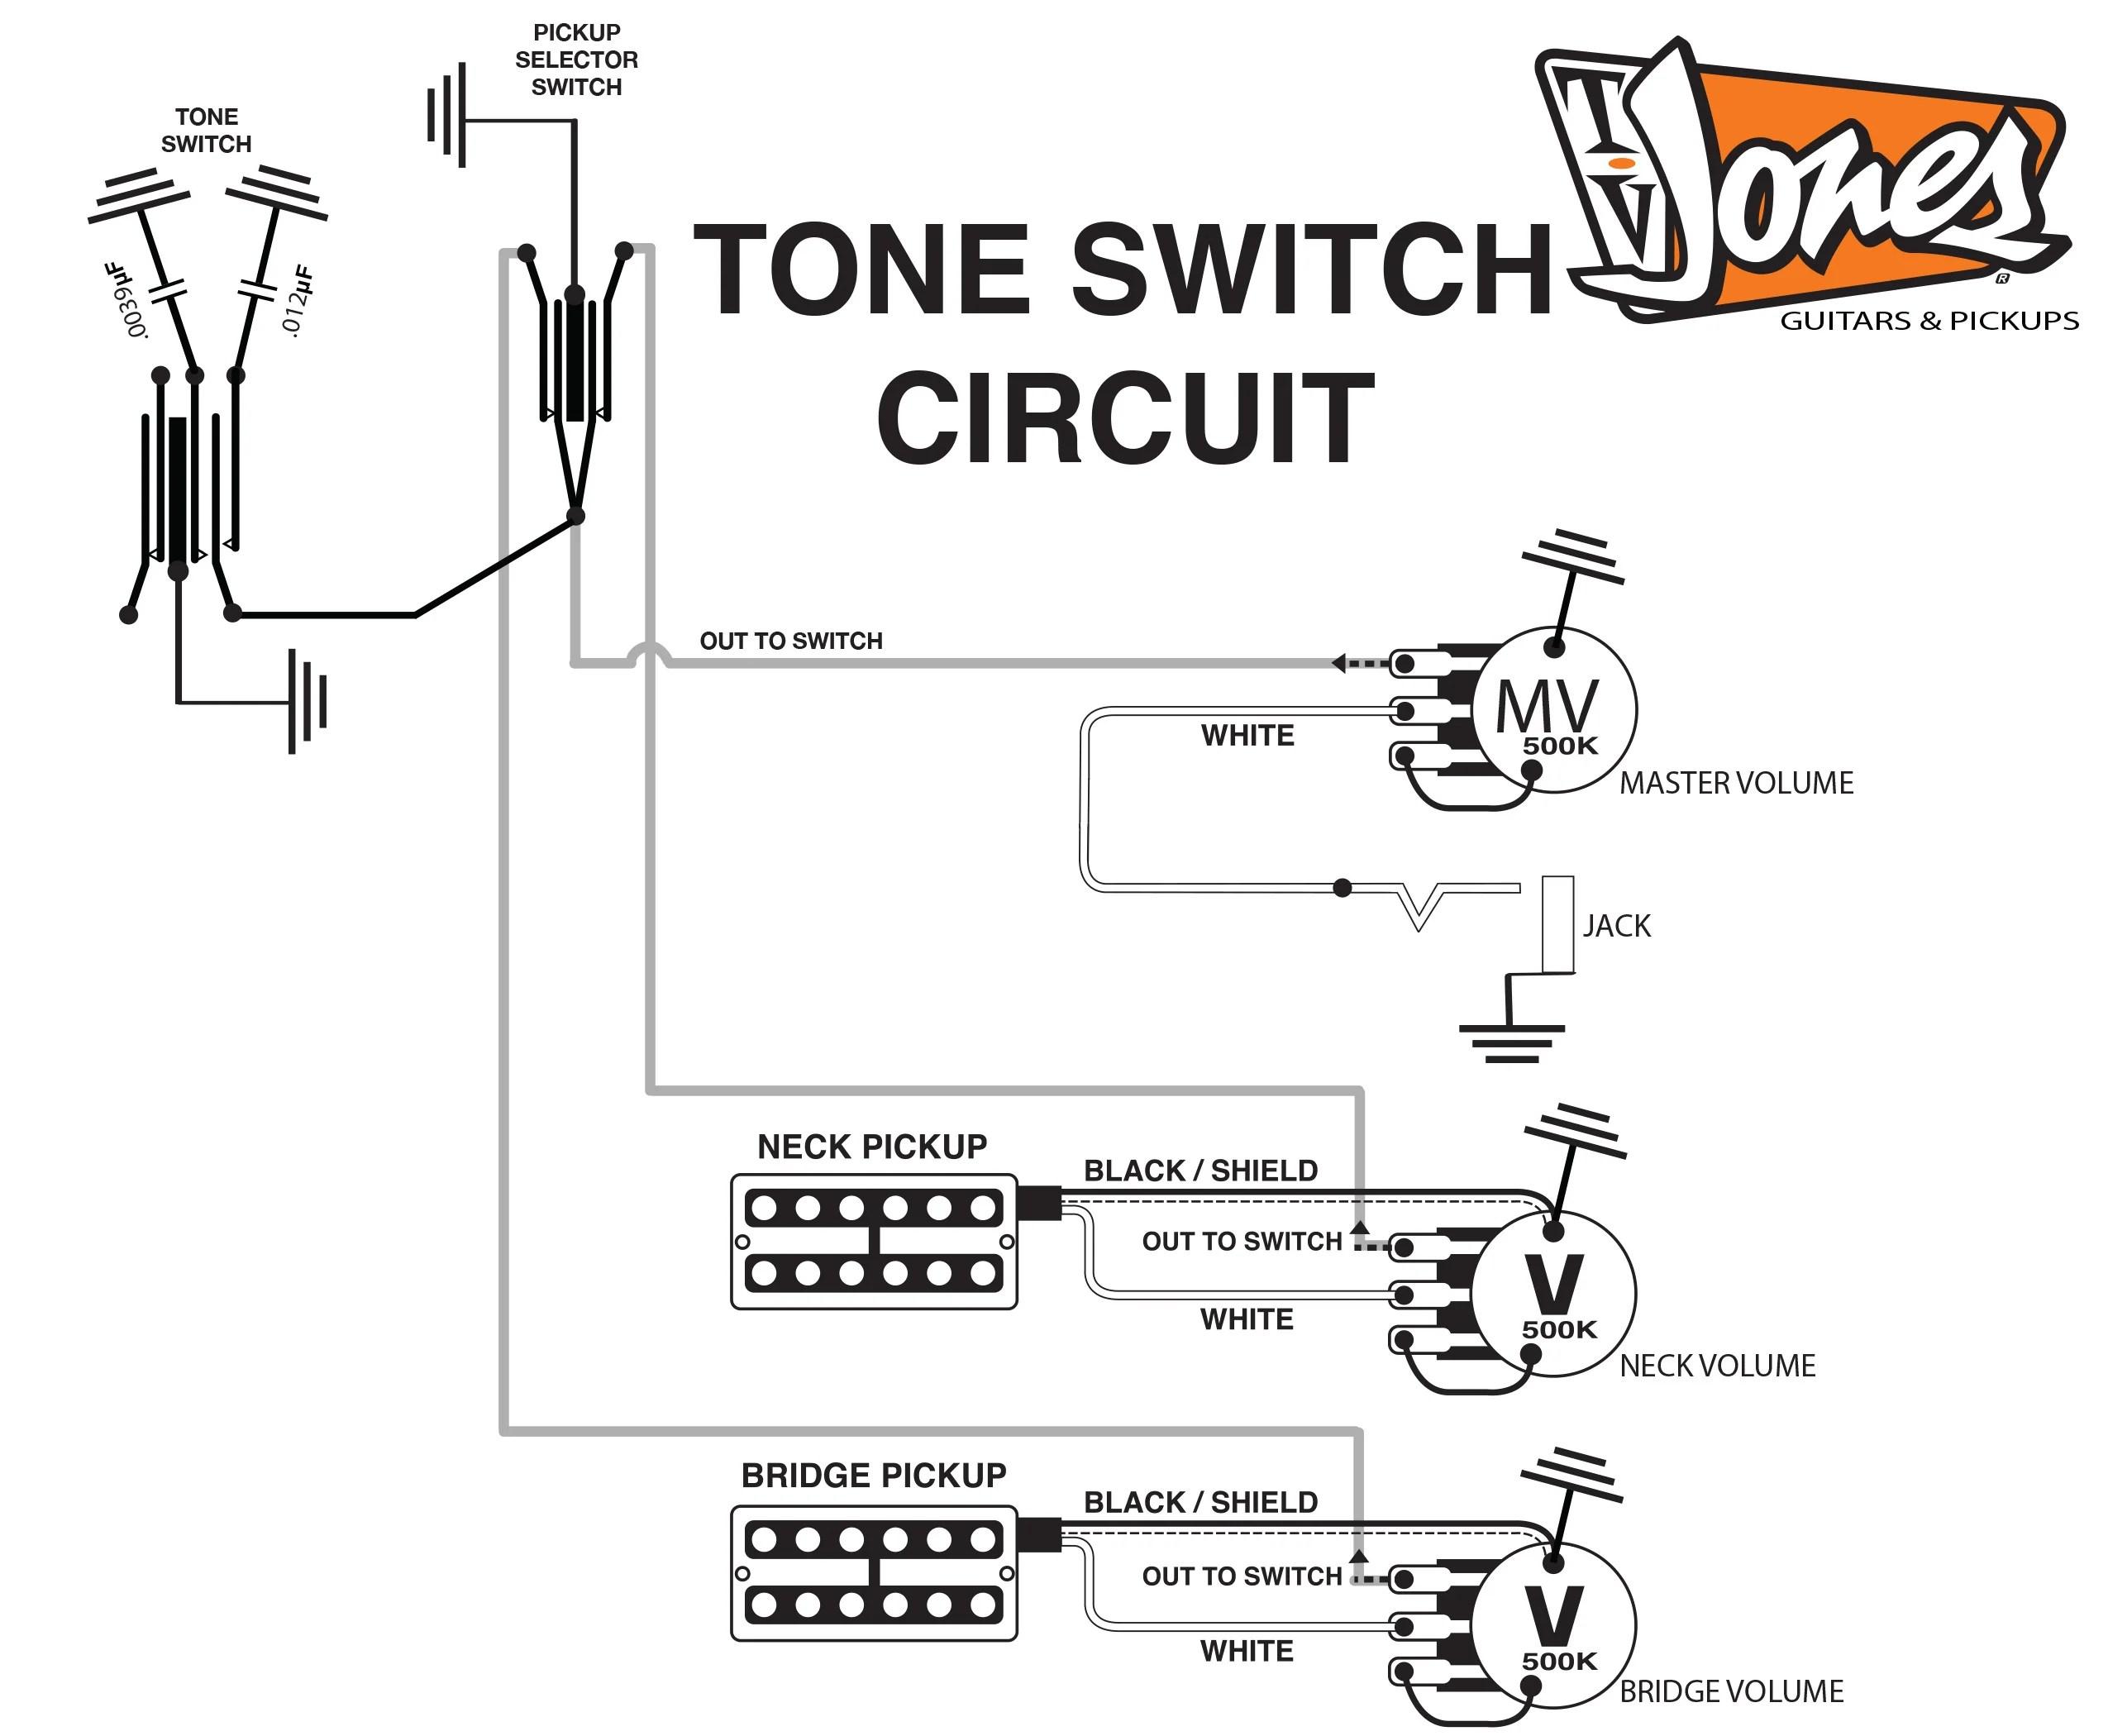 gretsch guitar schematics [ 2550 x 2100 Pixel ]